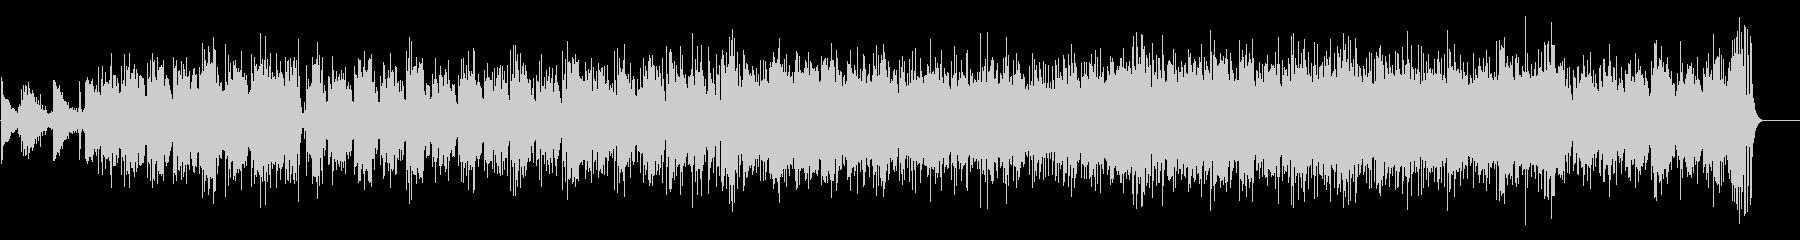 クールなサマー・ミュージック(ボサノバ)の未再生の波形